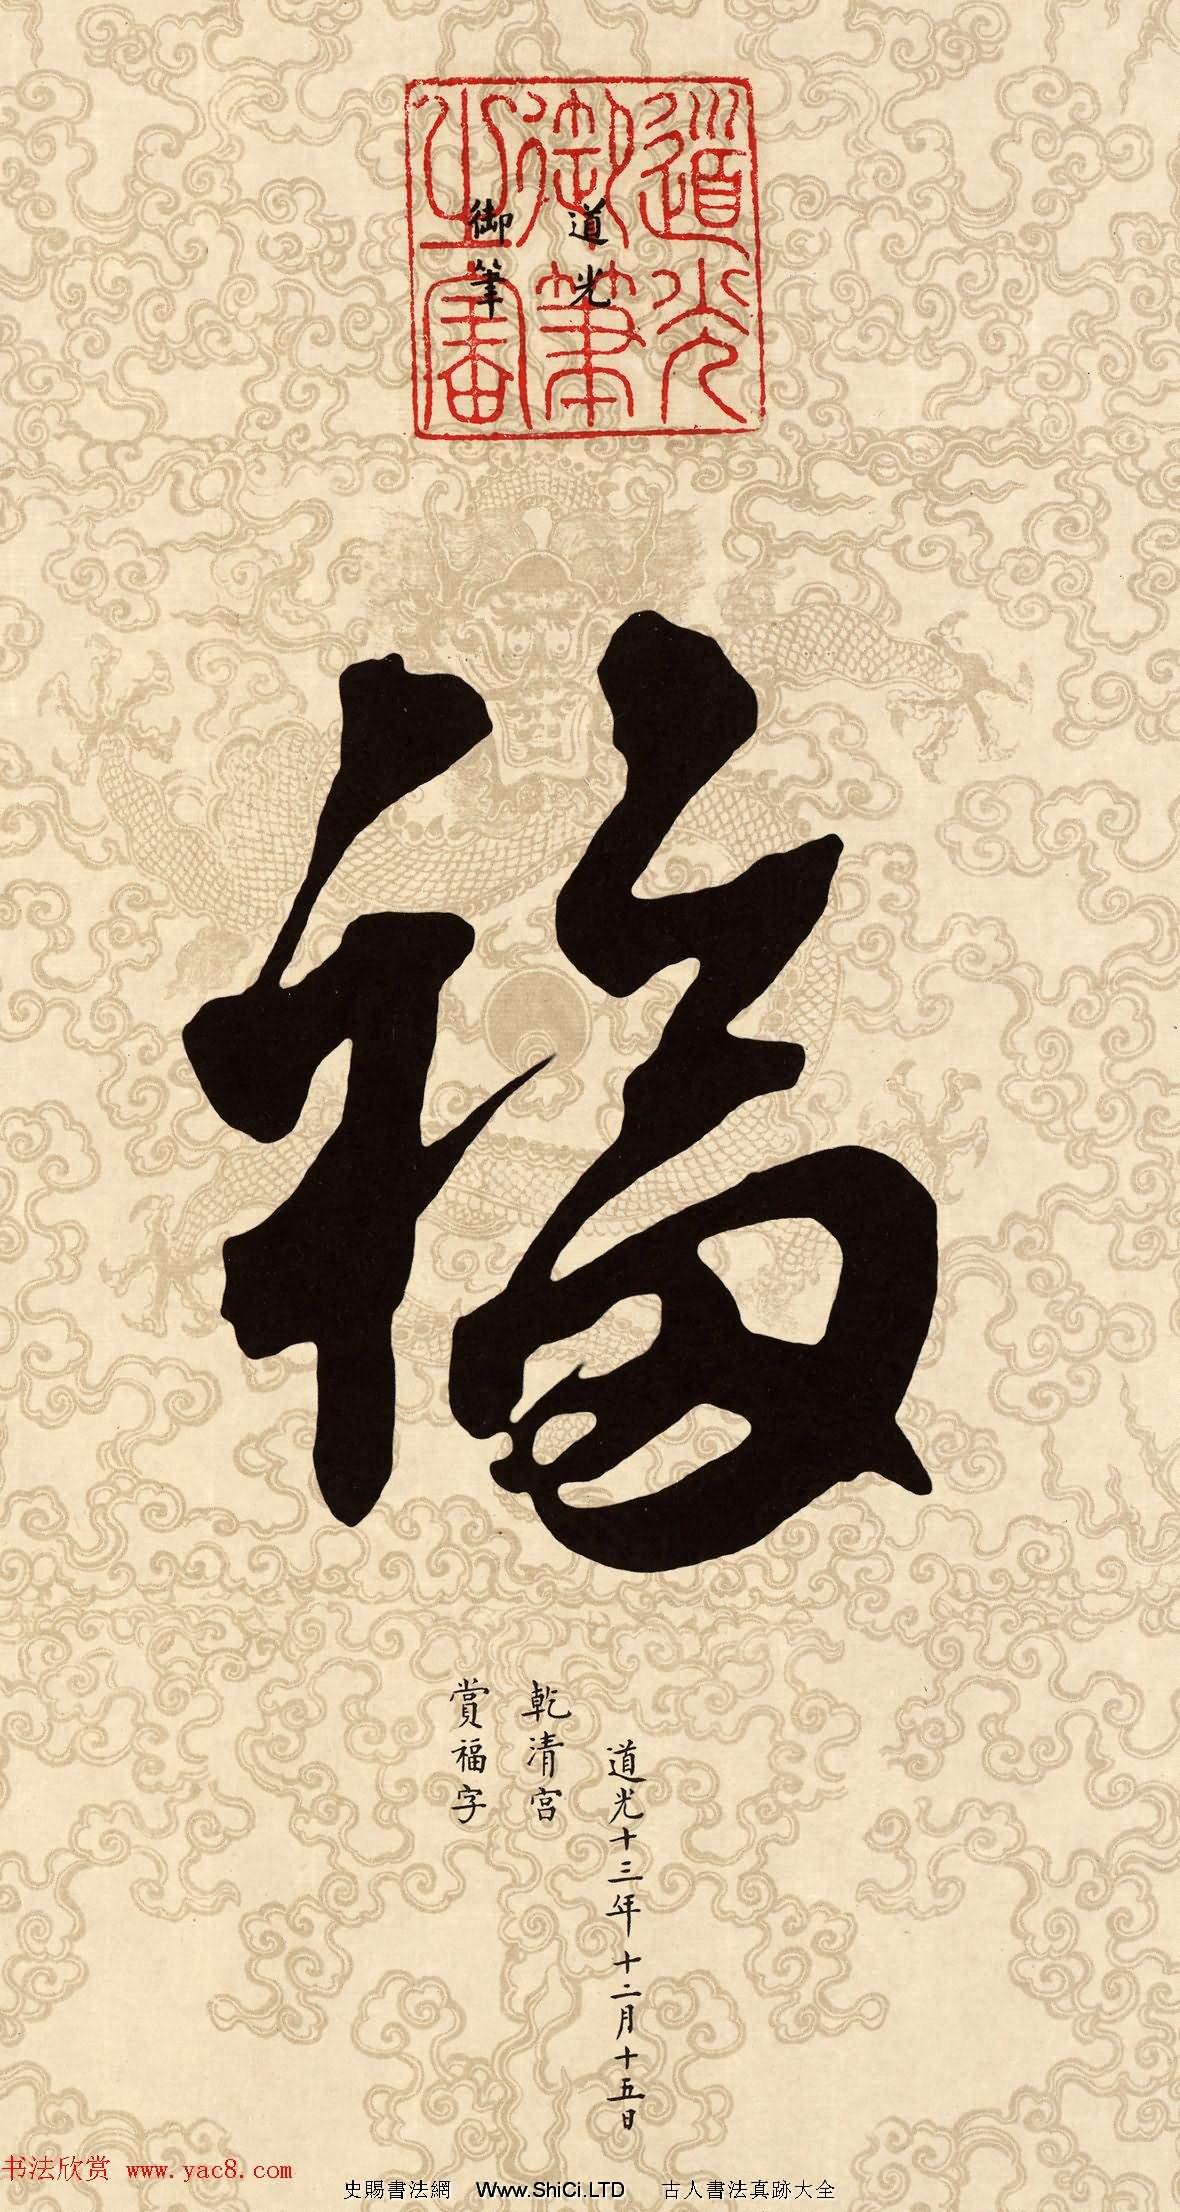 新年五福臨門 皇帝賜福高清晰大圖(共5張圖片)